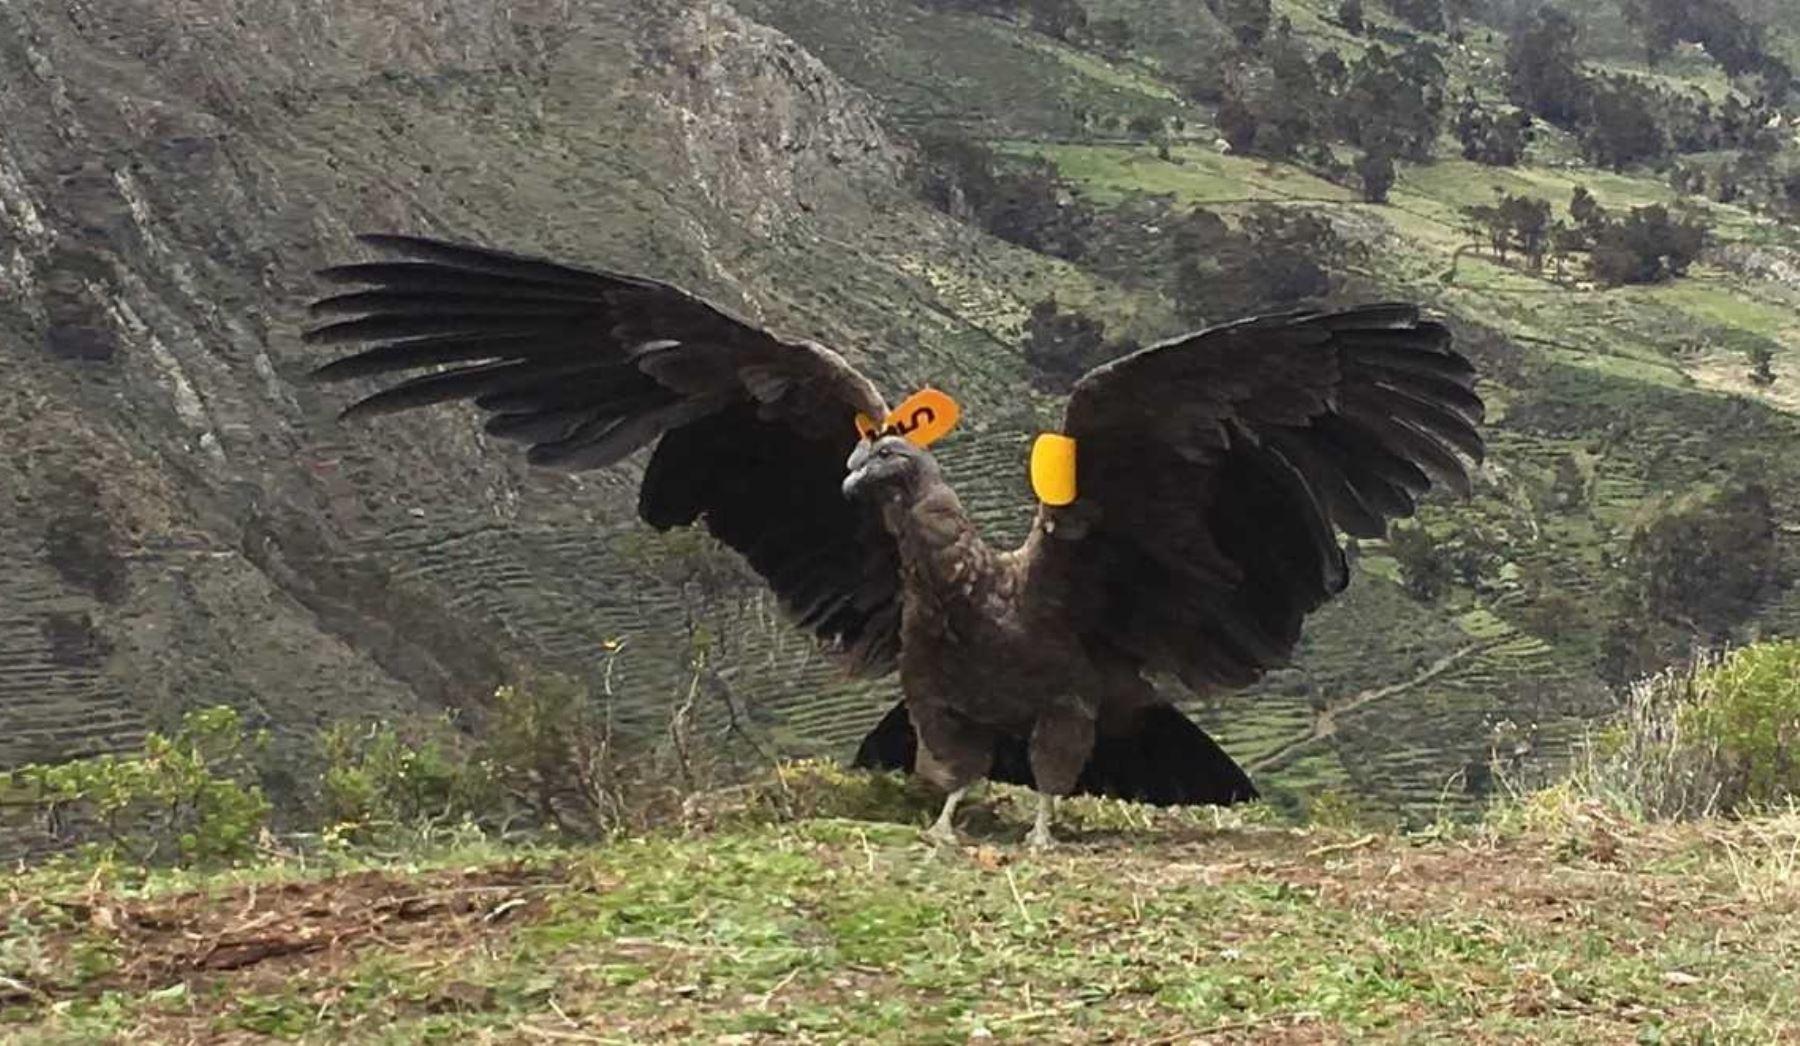 El Servicio Nacional Forestal y de Fauna Silvestre (Serfor) liberó un ejemplar de cóndor andino macho juvenil en la comunidad de Carania, provincia de Yauyos, región Lima, ubicada a 4,200 metros de altitud.